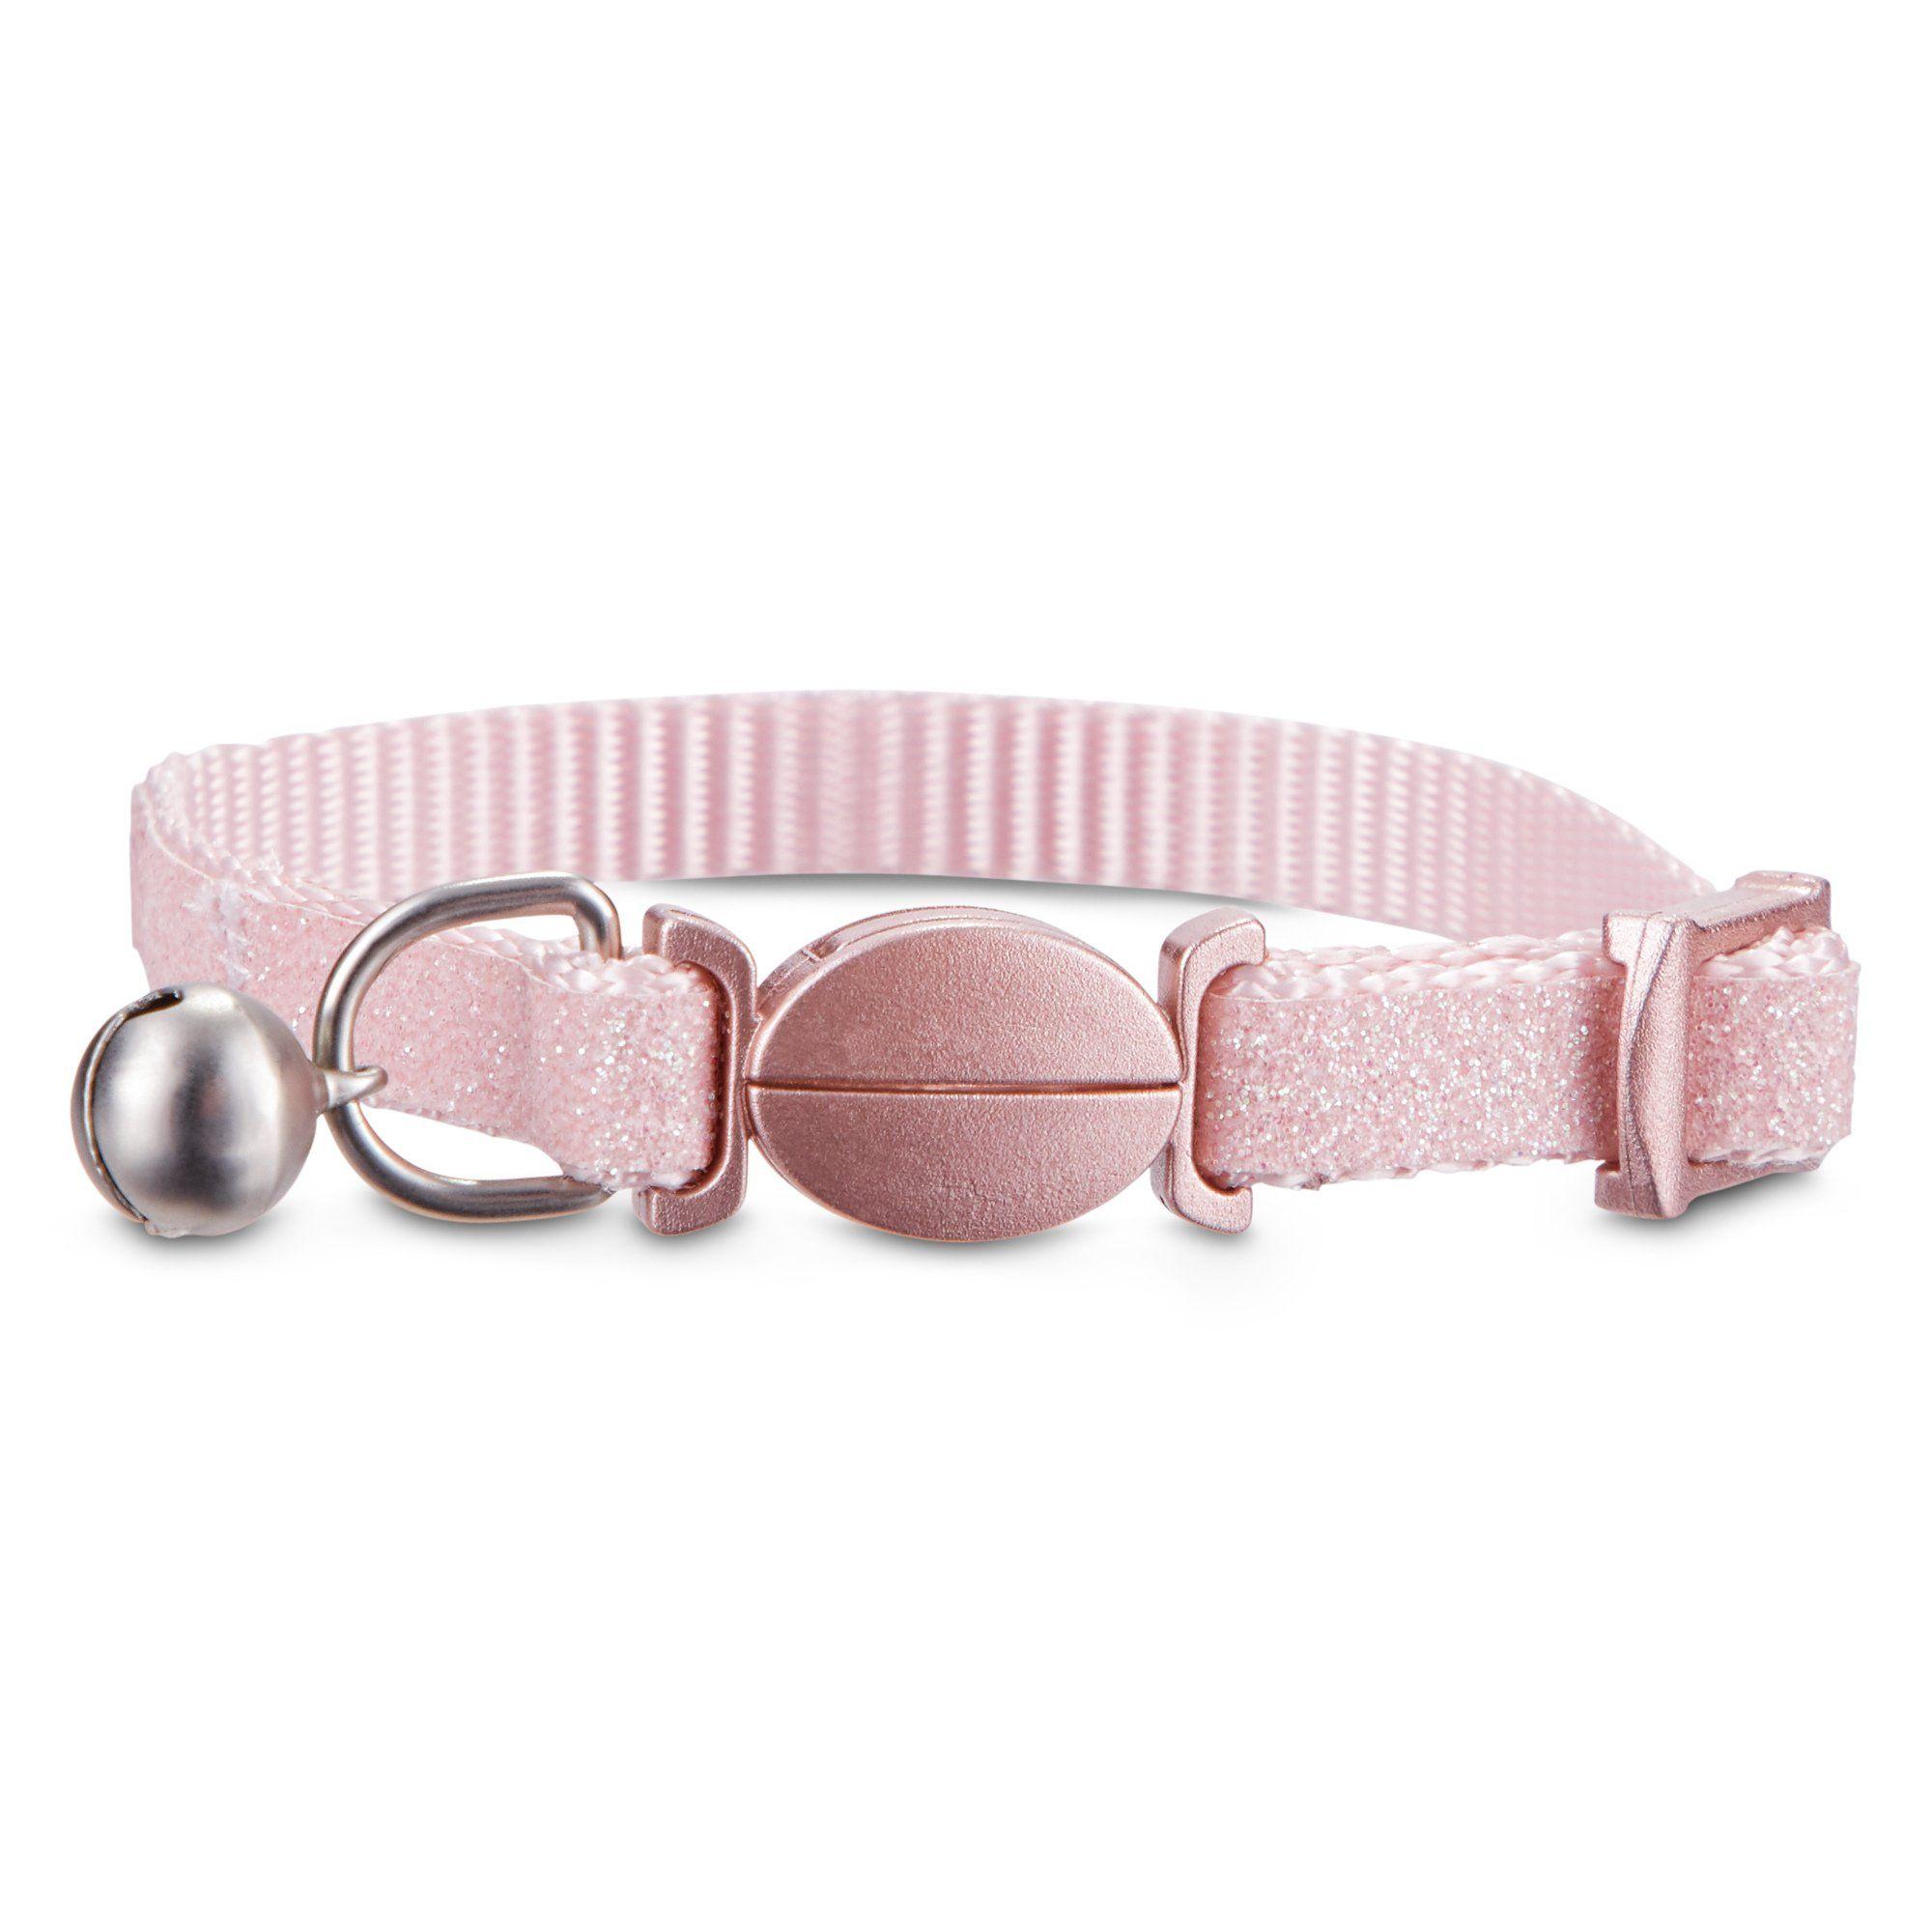 Bond Co Pink Sparkle Breakaway Kitten Collar Petco Kitten Collars Pink Sparkle Kitten